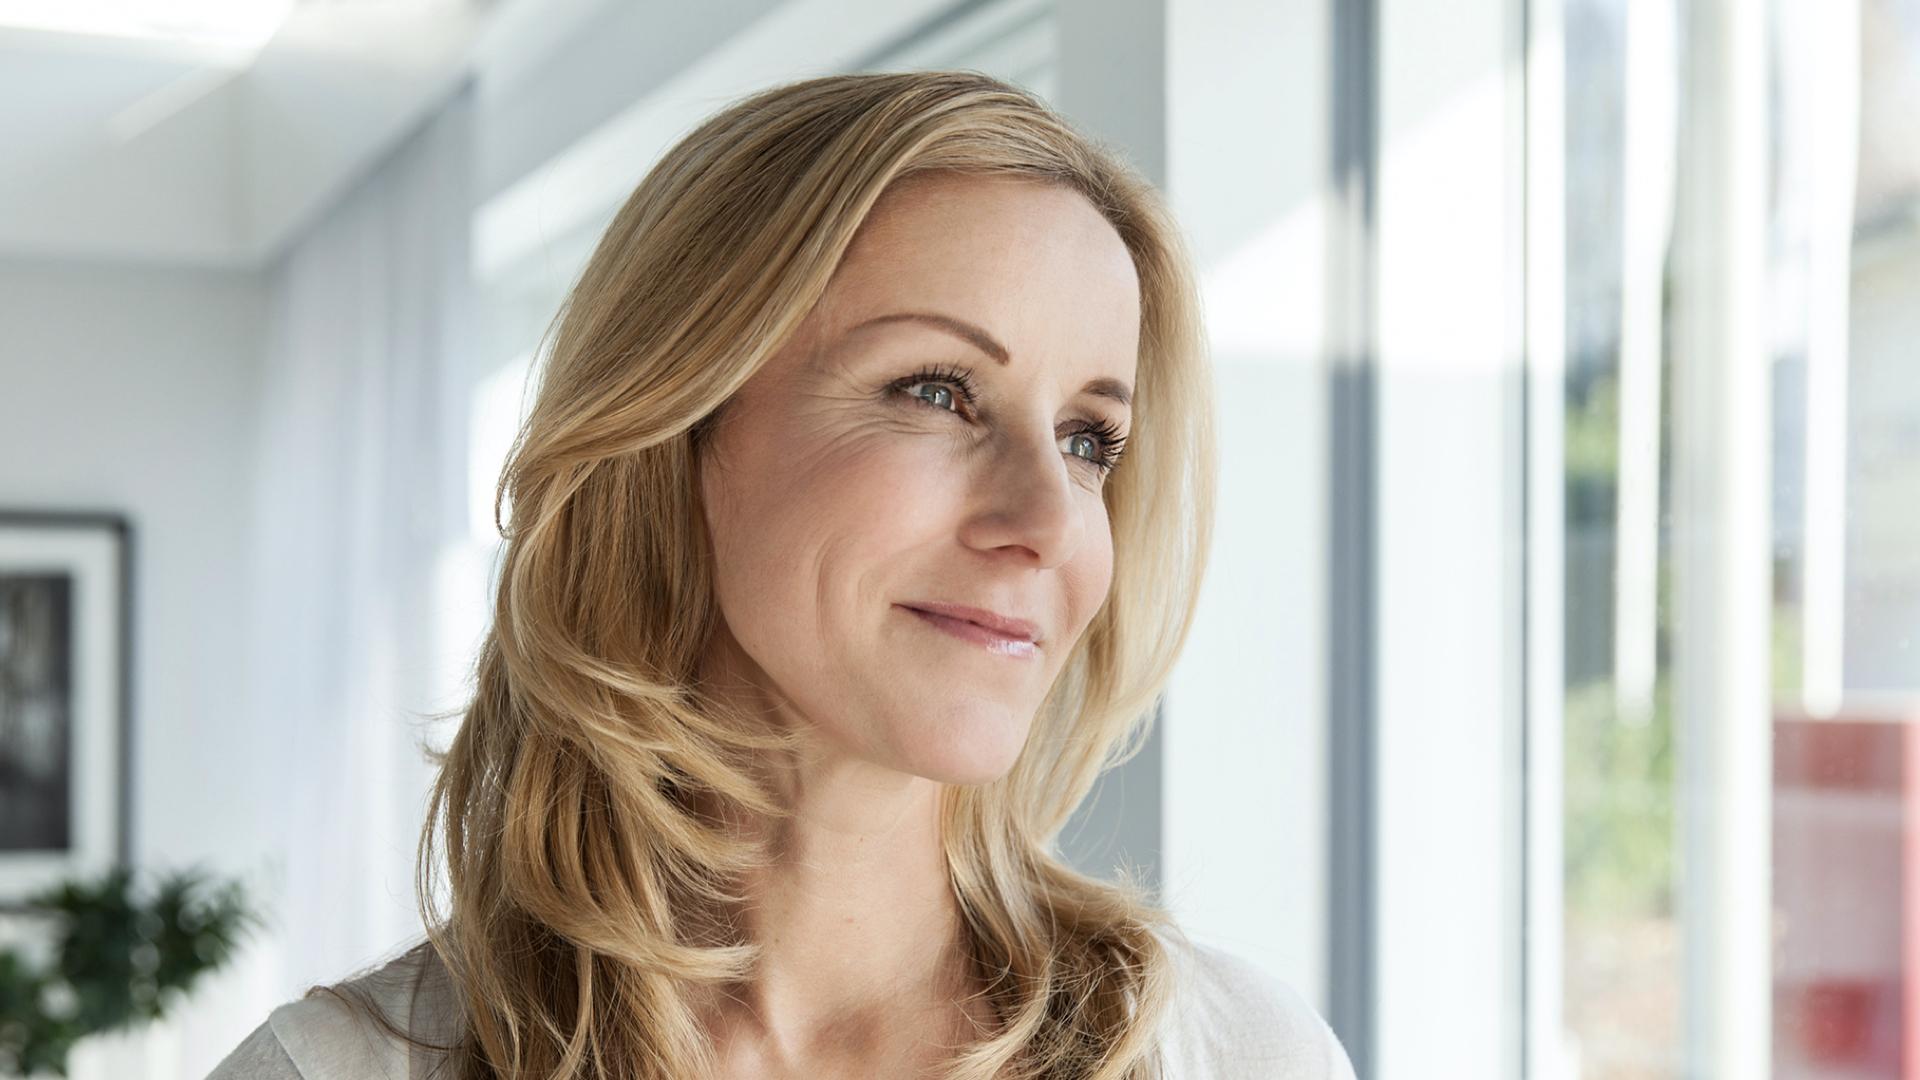 Porque se ocasionan los cambios faciales por Estrés?